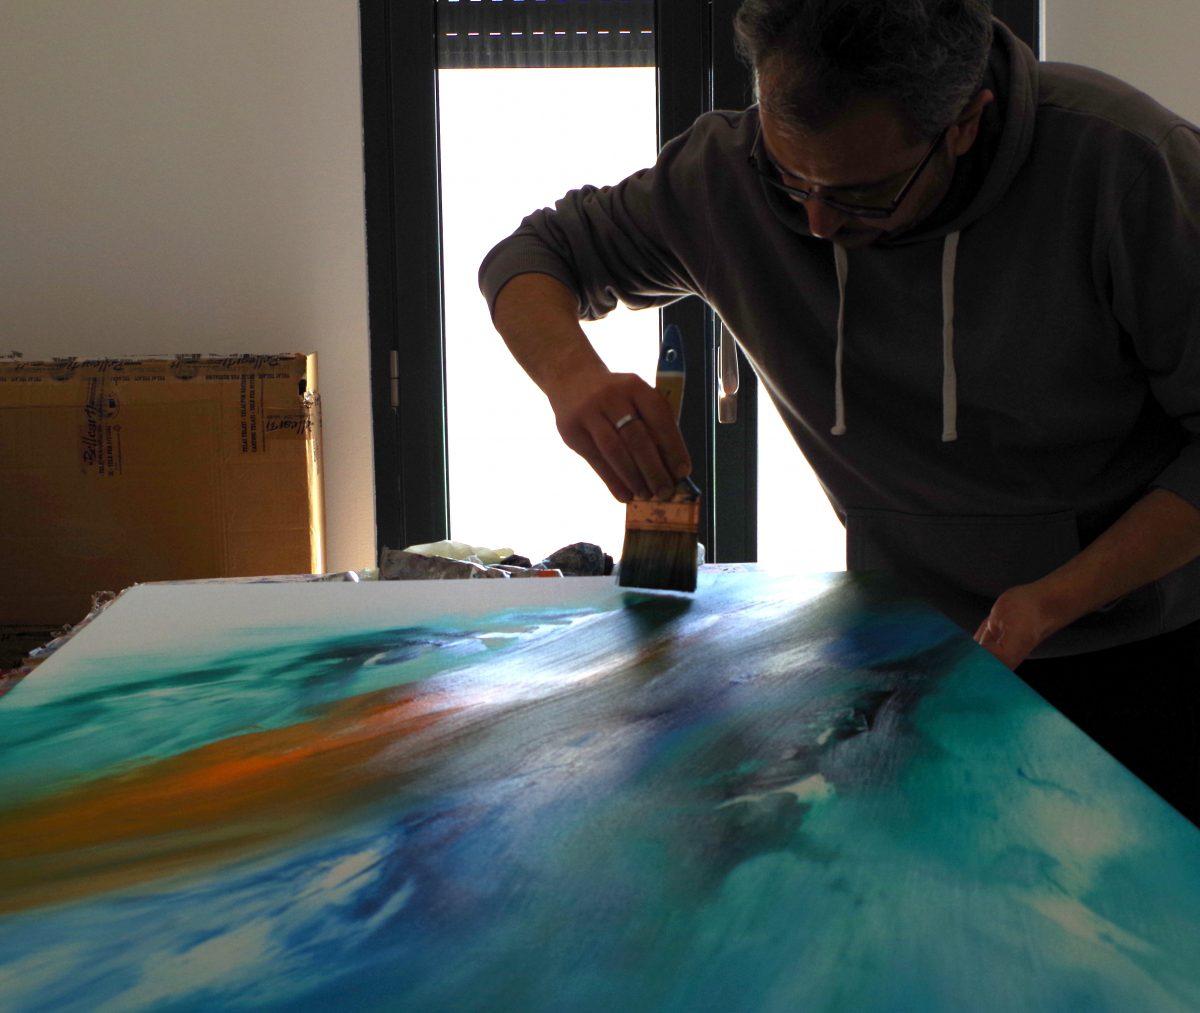 Quadri astratti moderni - Artista Davide De Palma all'opera